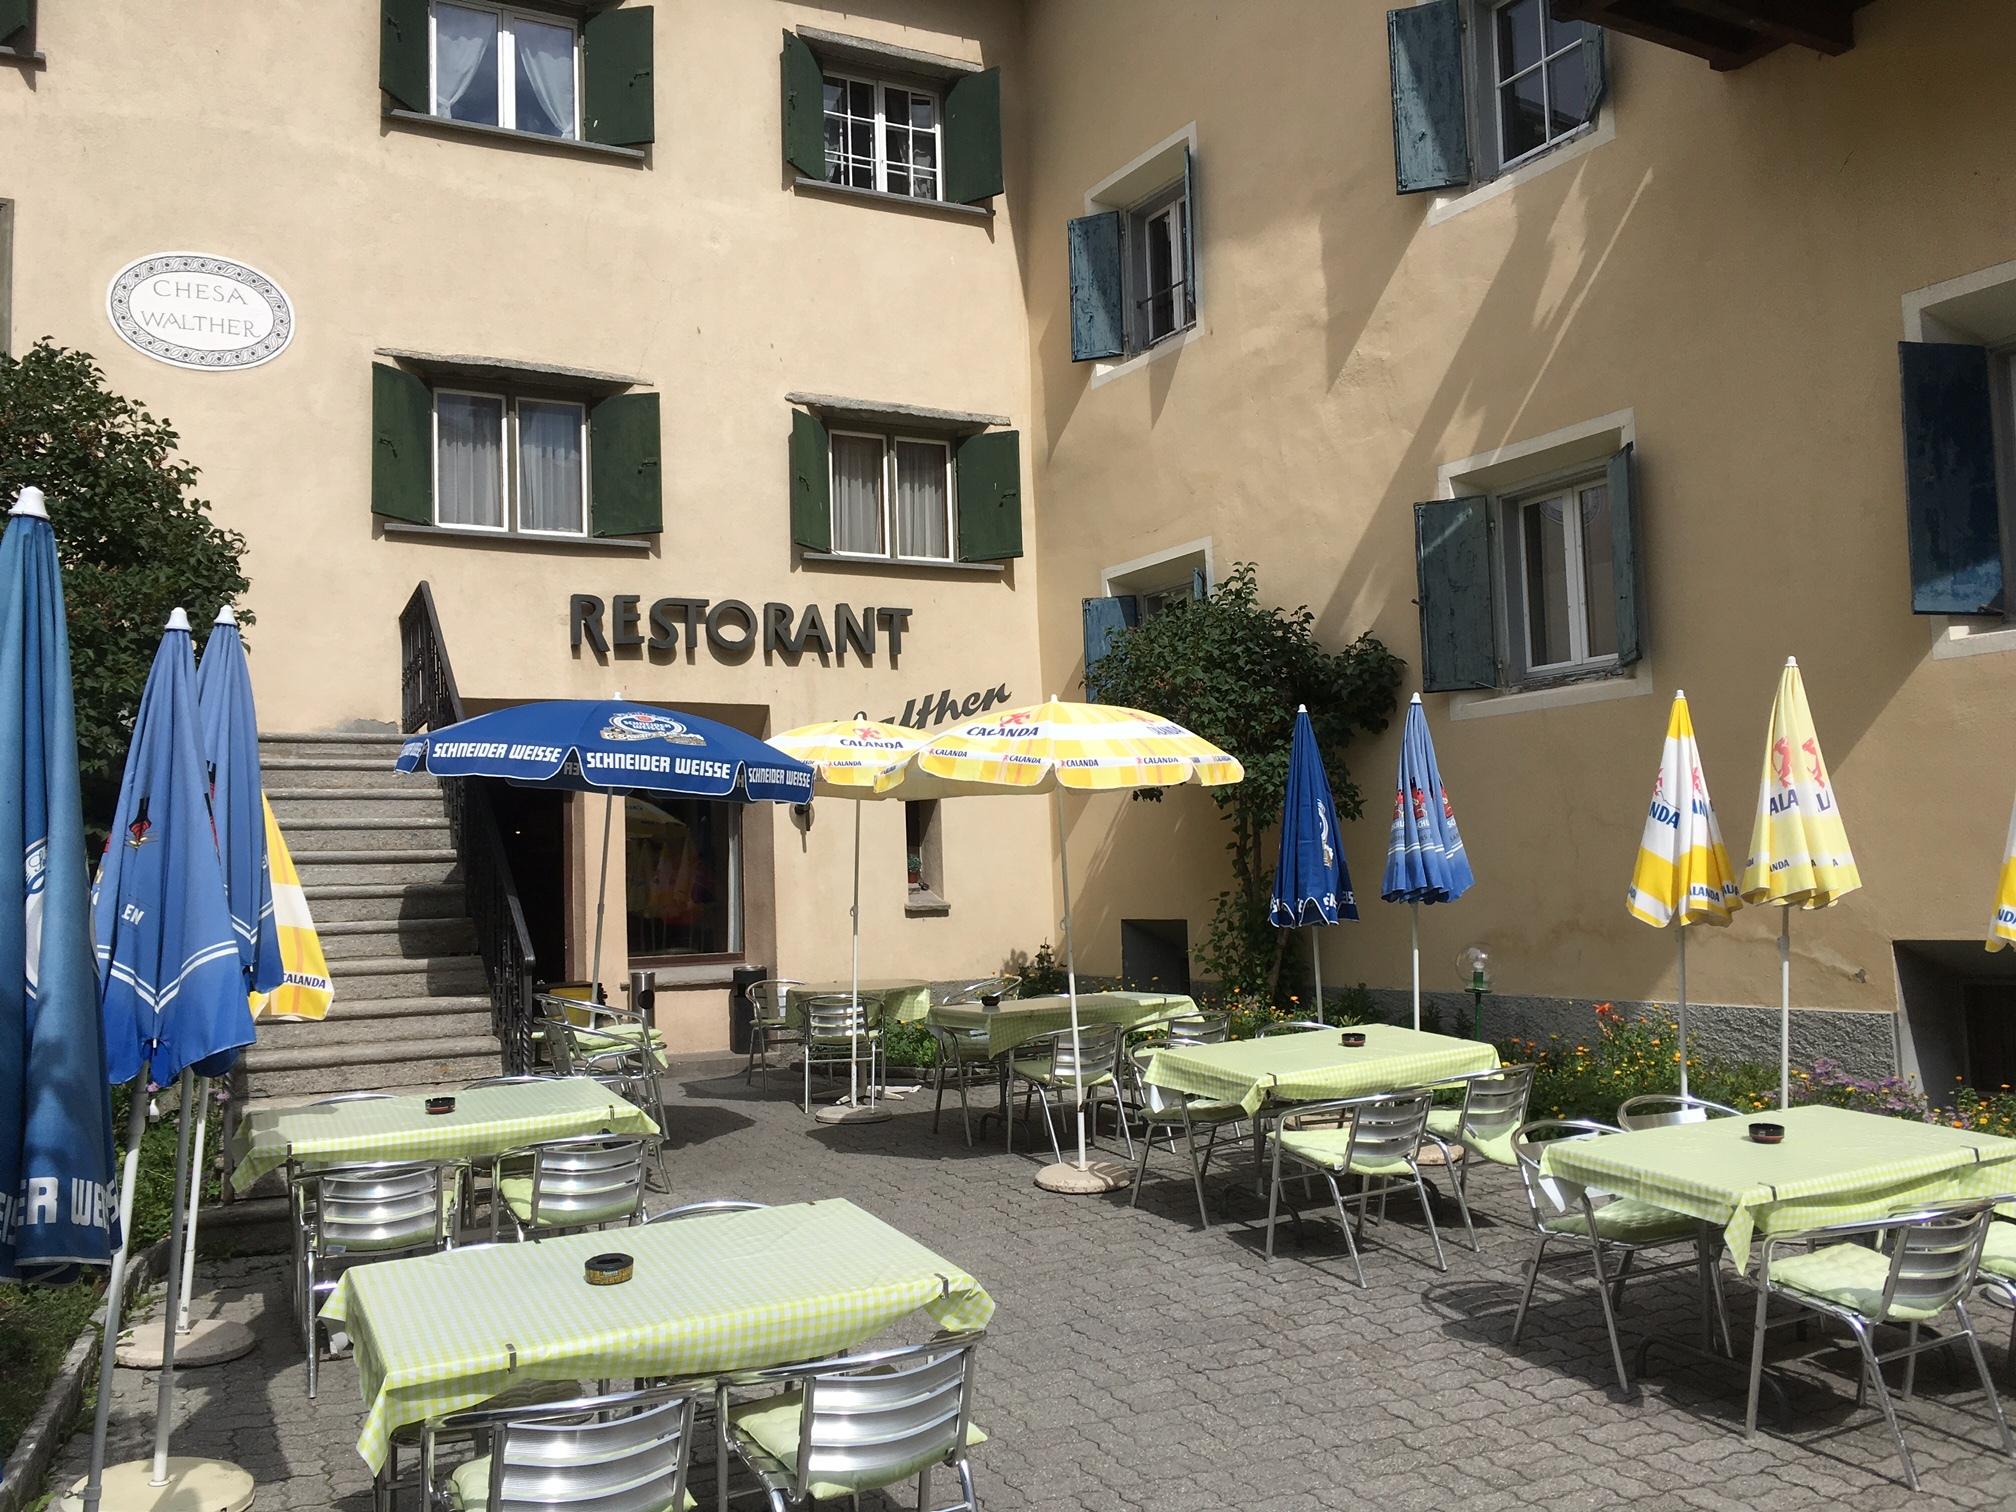 Restaurant Walther Slide 1